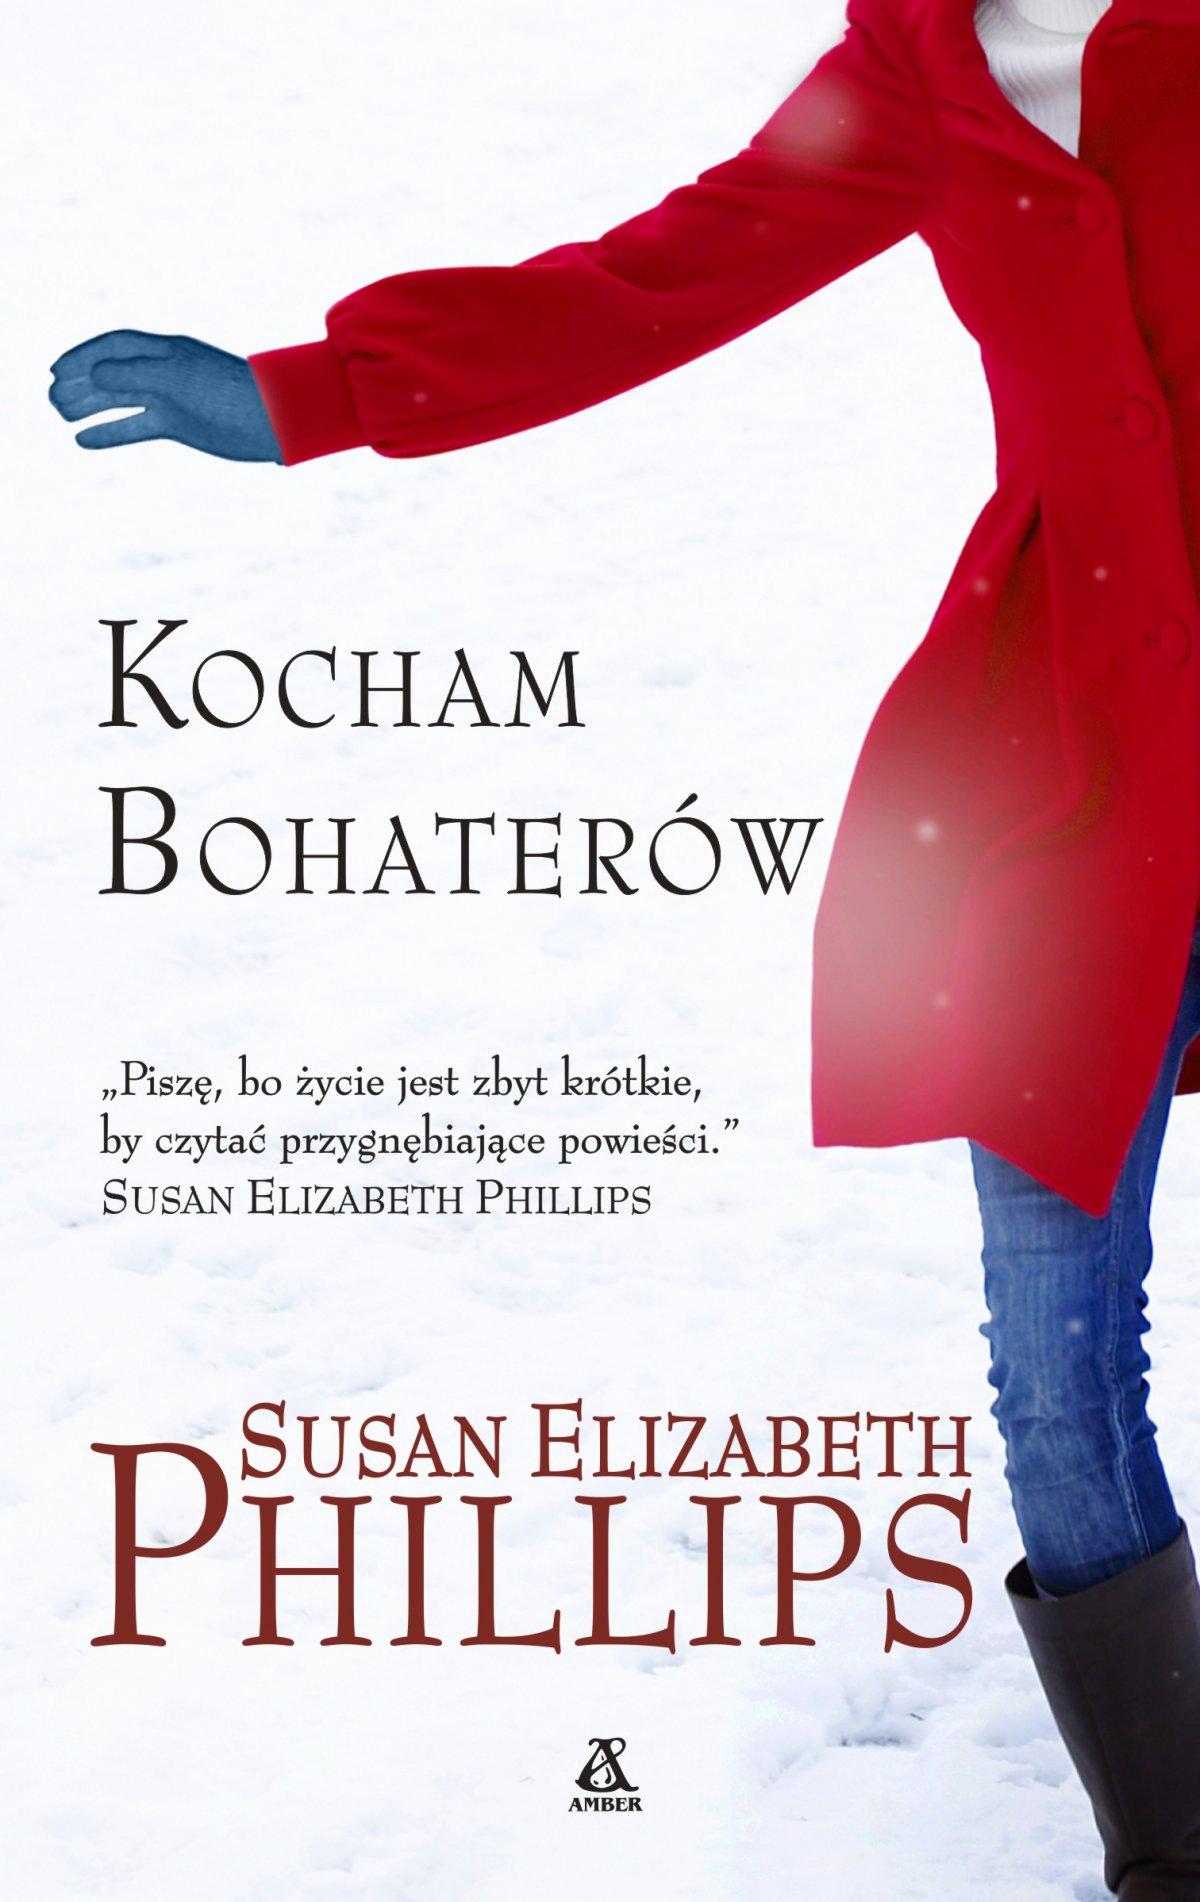 Kocham Bohaterów - Ebook (Książka EPUB) do pobrania w formacie EPUB